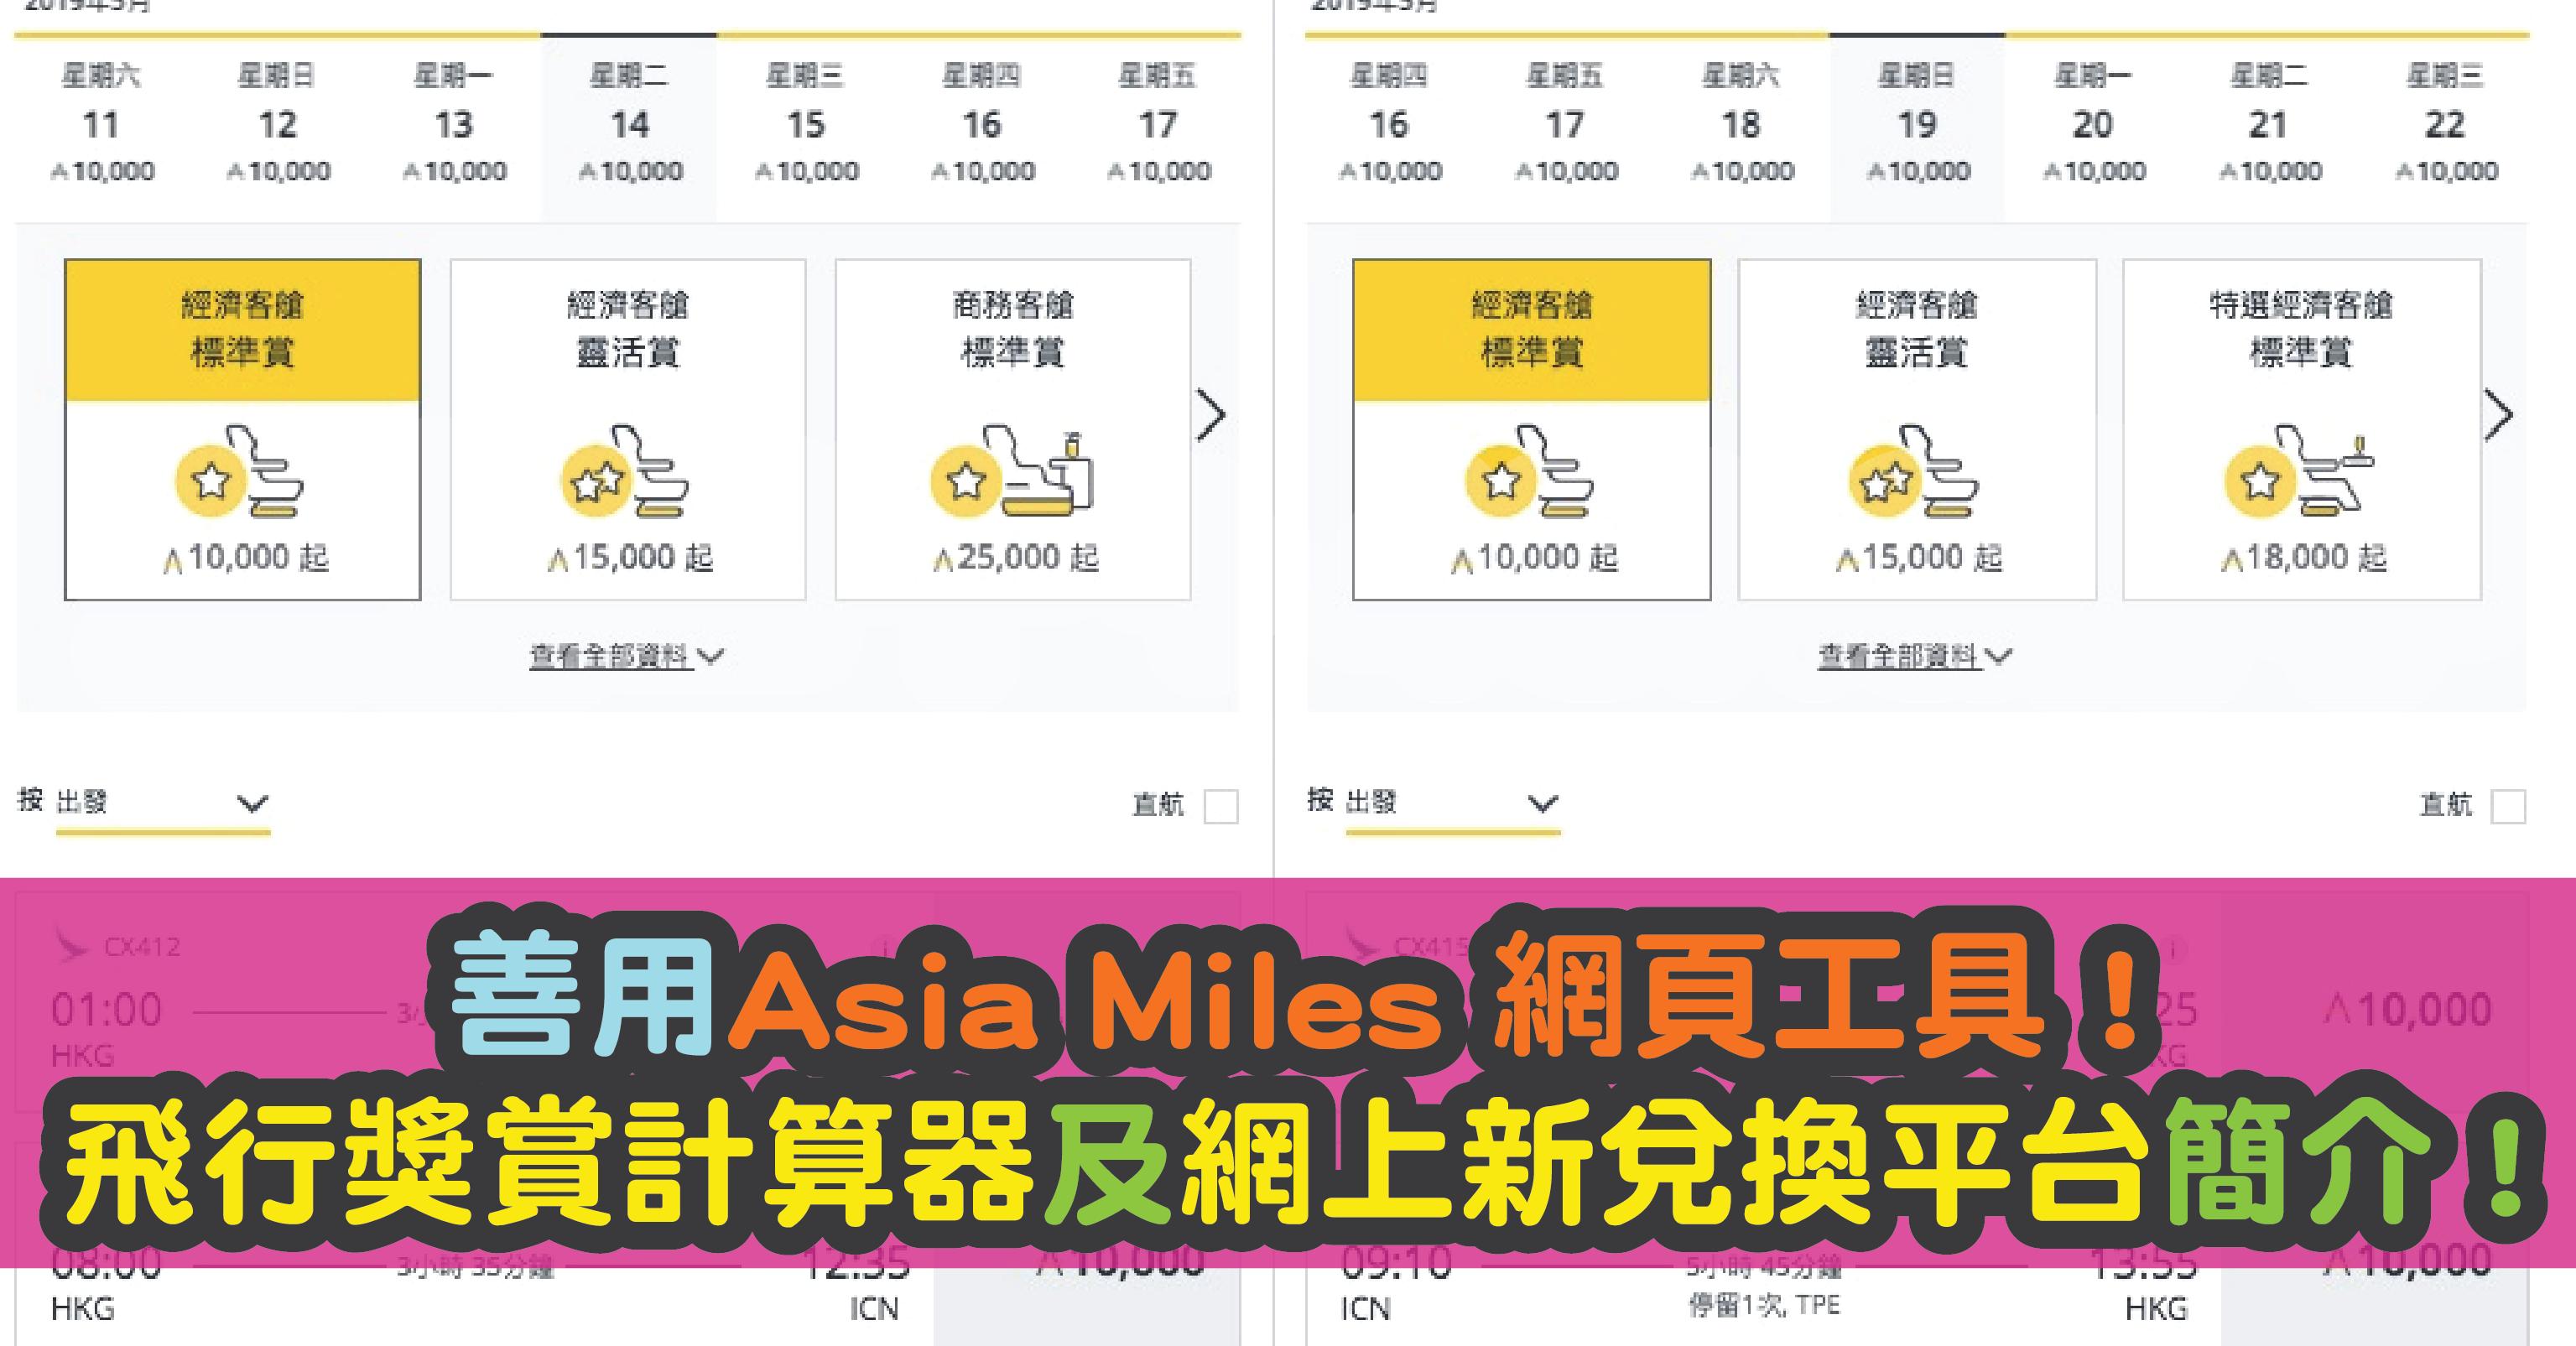 善用Asia Miles 網頁工具!飛行獎賞計算器及網上新兌換平台簡介!